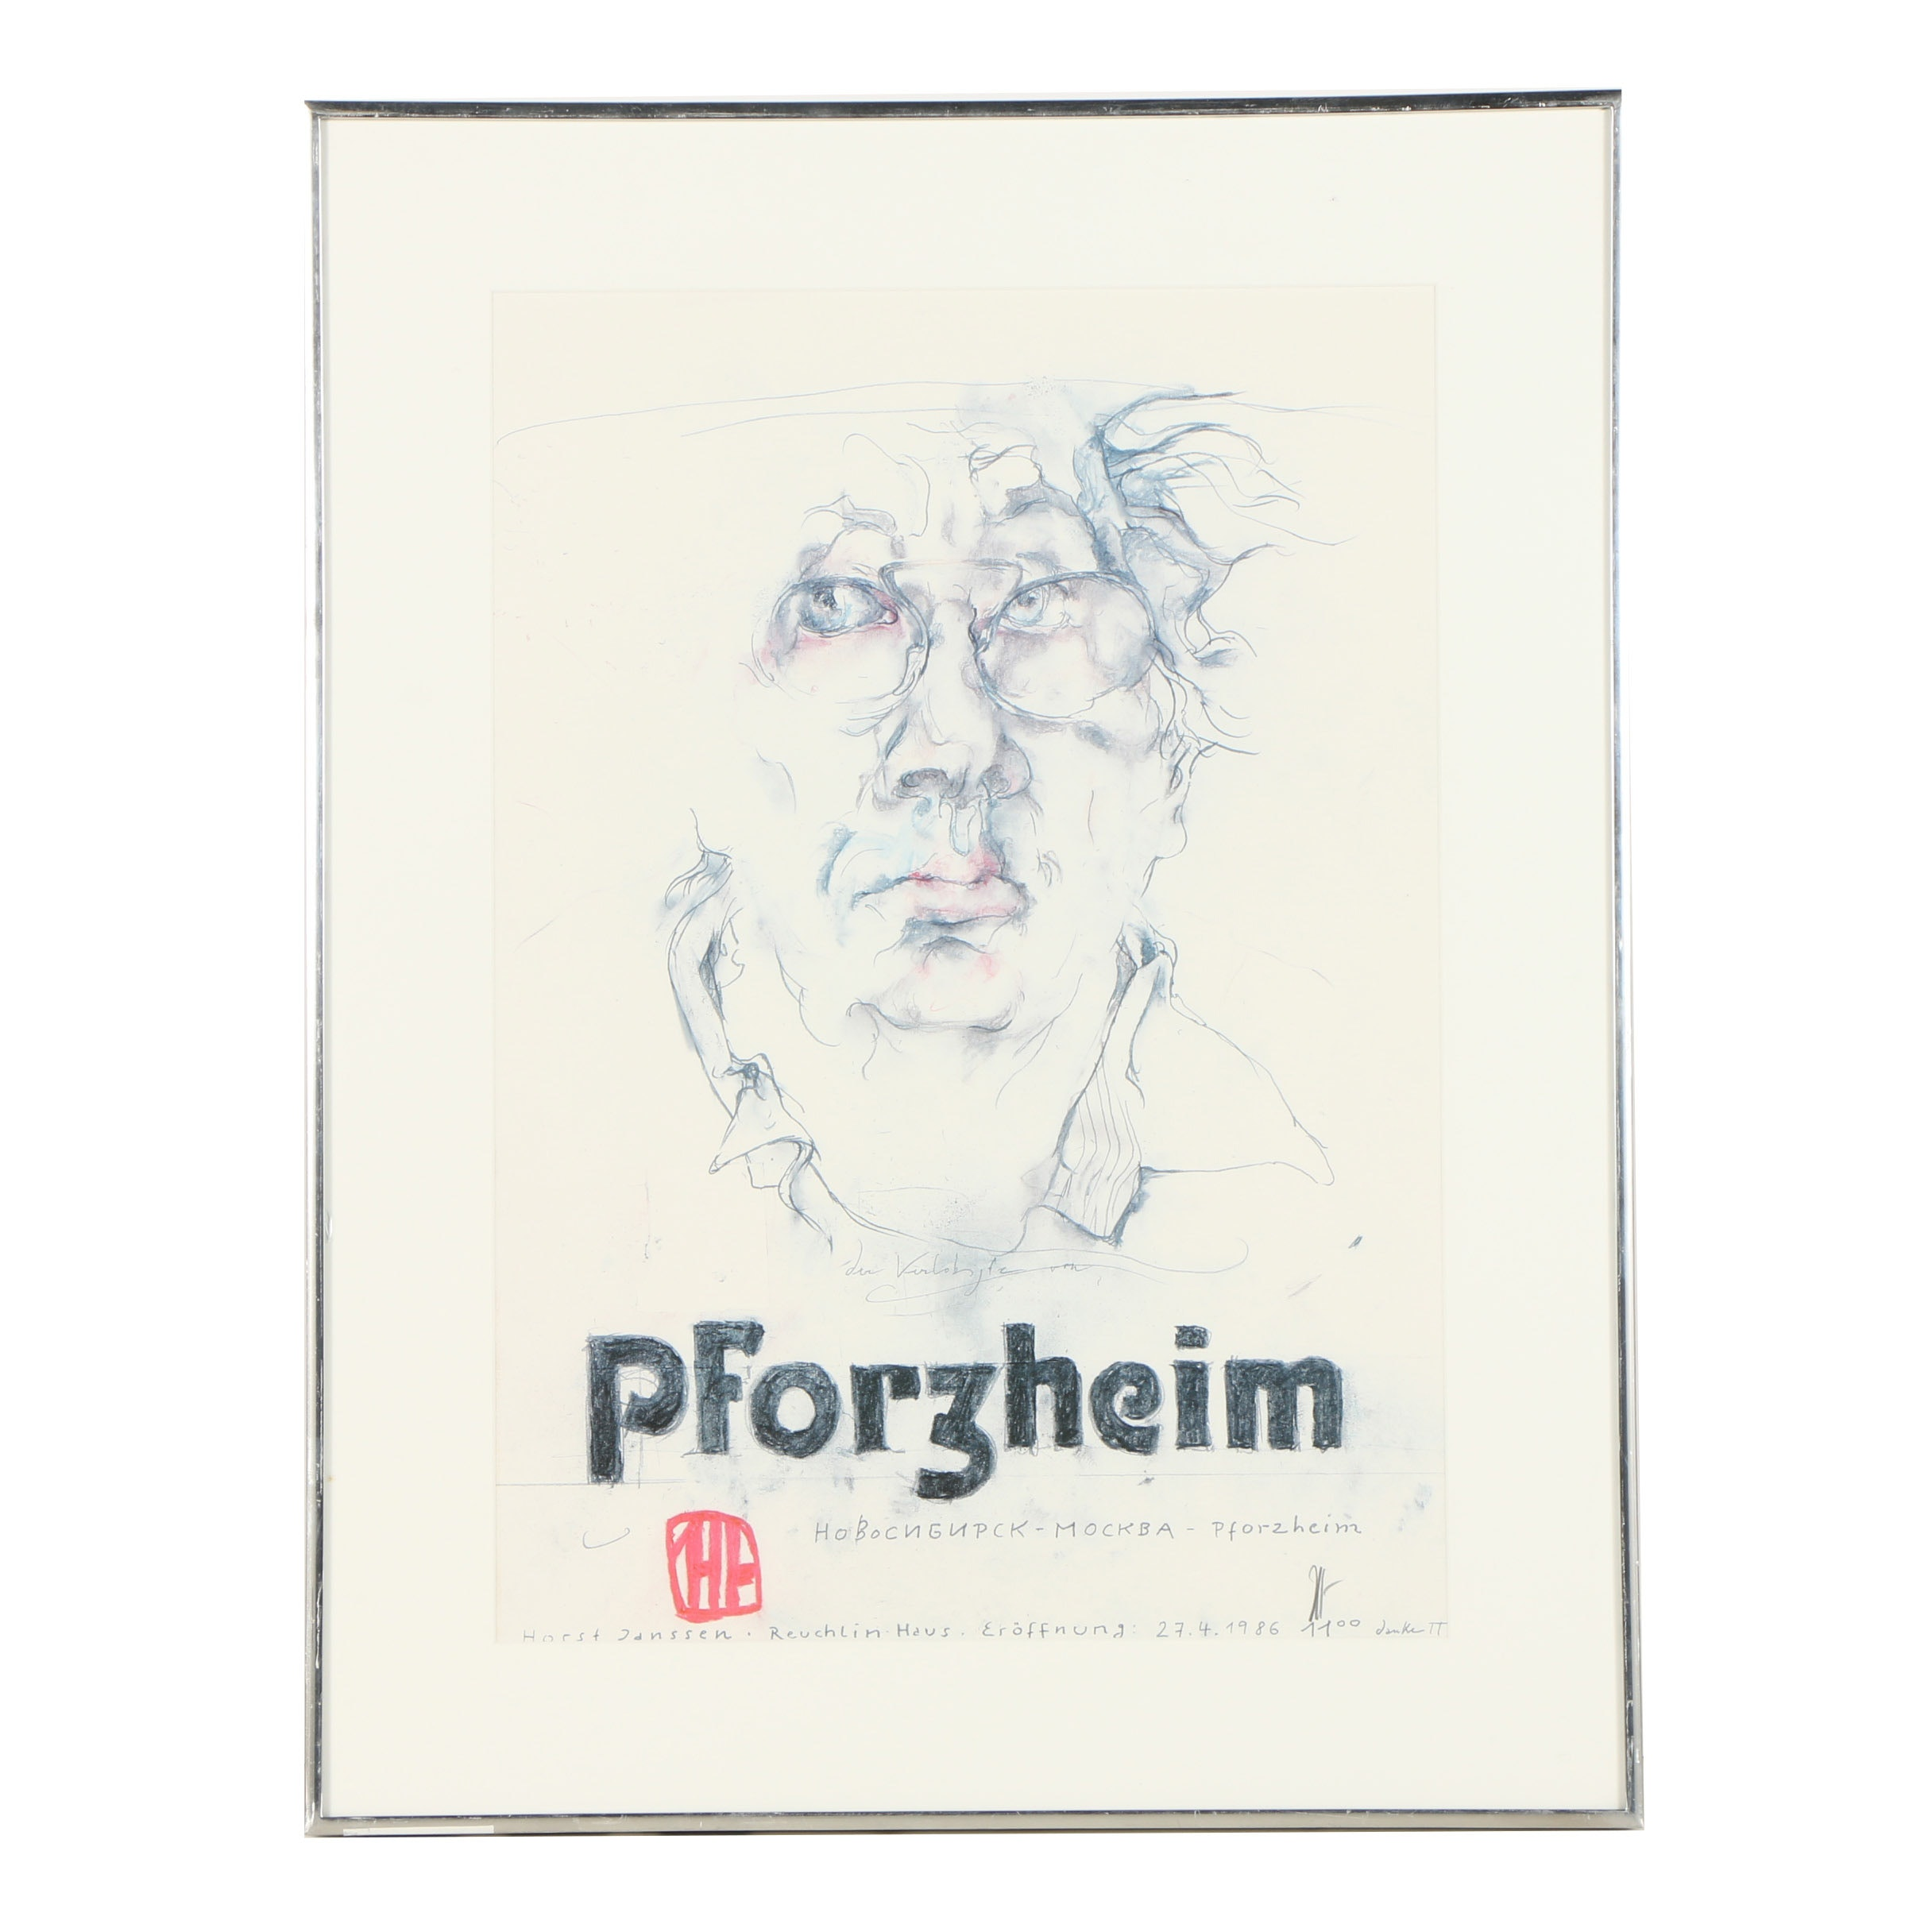 Offset Lithograph Poster After Horst Janssen